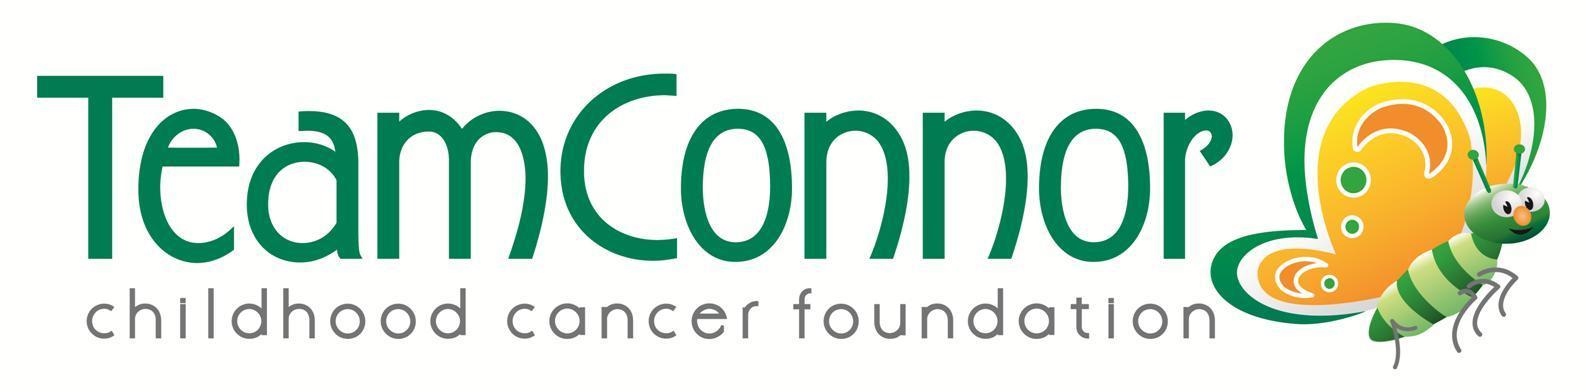 Color Logo TCCF 2013 - TeamConnor Childhood Cancer Foundation